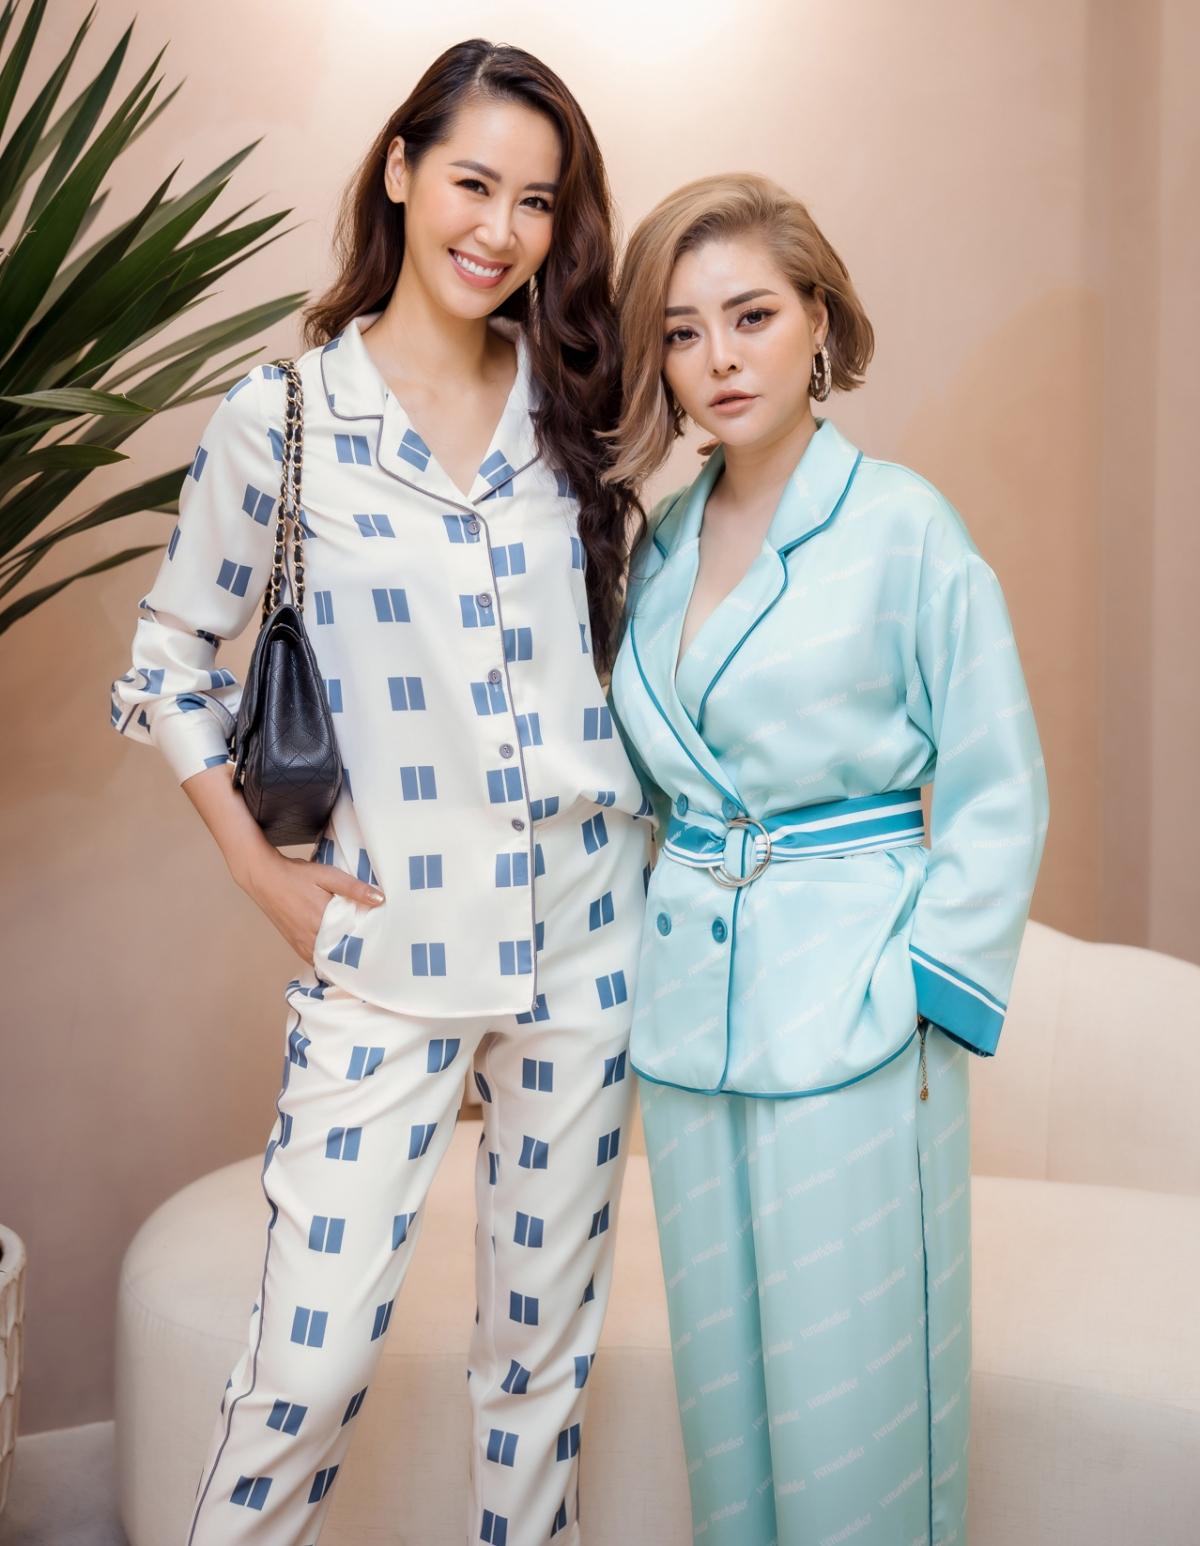 NTK thời trang Nguyễn Thu Yến có thâm niên hơn 10 năm với nghề. Thời gian đầu cô cũng đam mê thiết kế các dòng sản phẩm như đầm dạ hội, công sở thế nhưng sau đó Nguyễn Thu Yến chuyển sang thiết kếtrang phục pijama với chất liệu lụa.